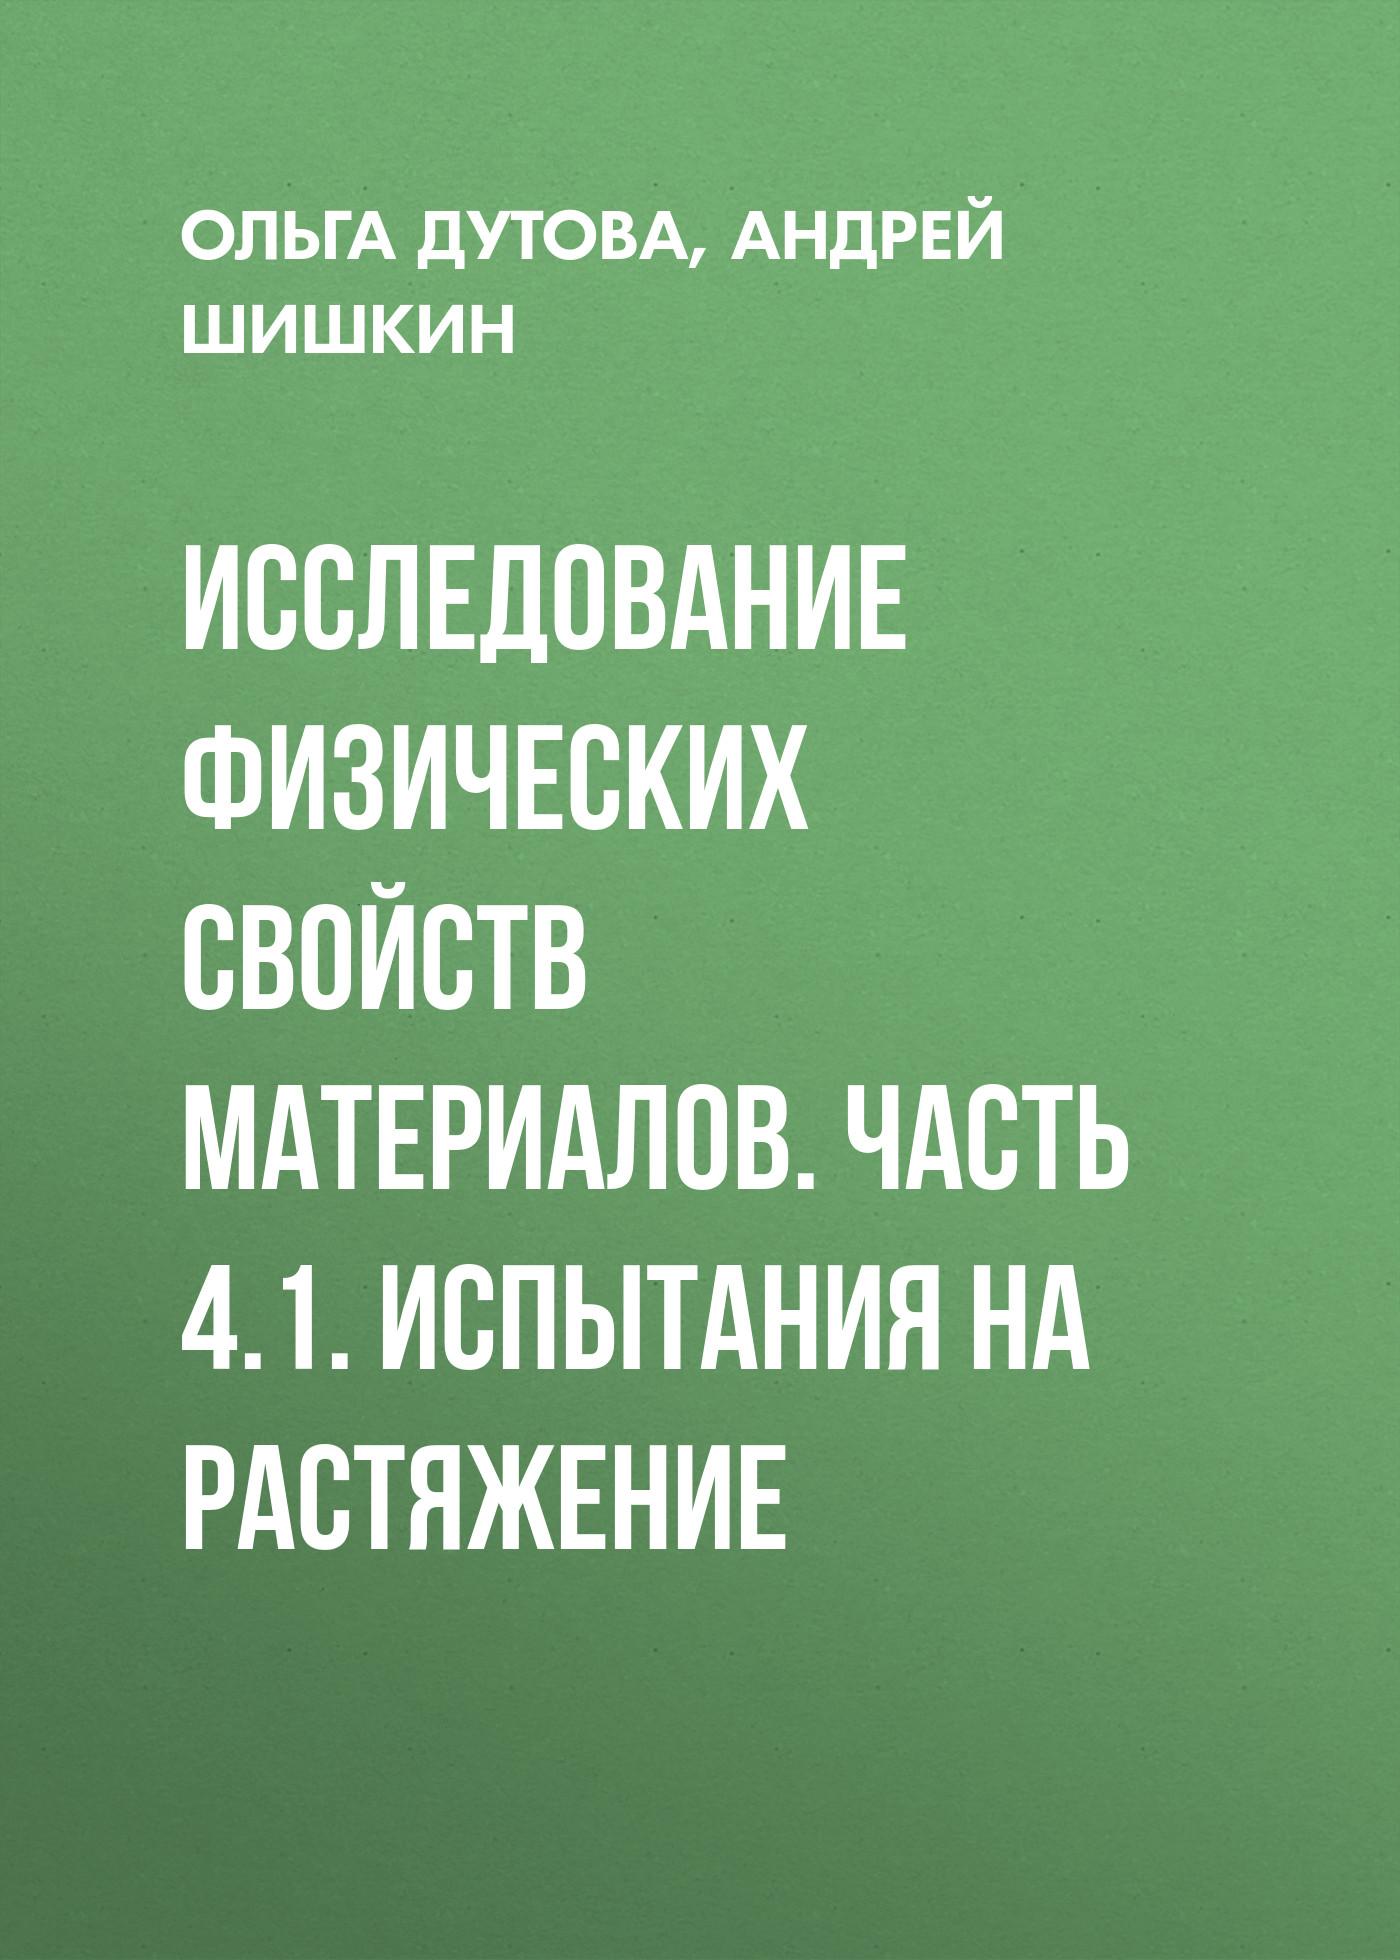 Андрей Шишкин Исследование физических свойств материалов. Часть 4.1. Испытания на растяжение